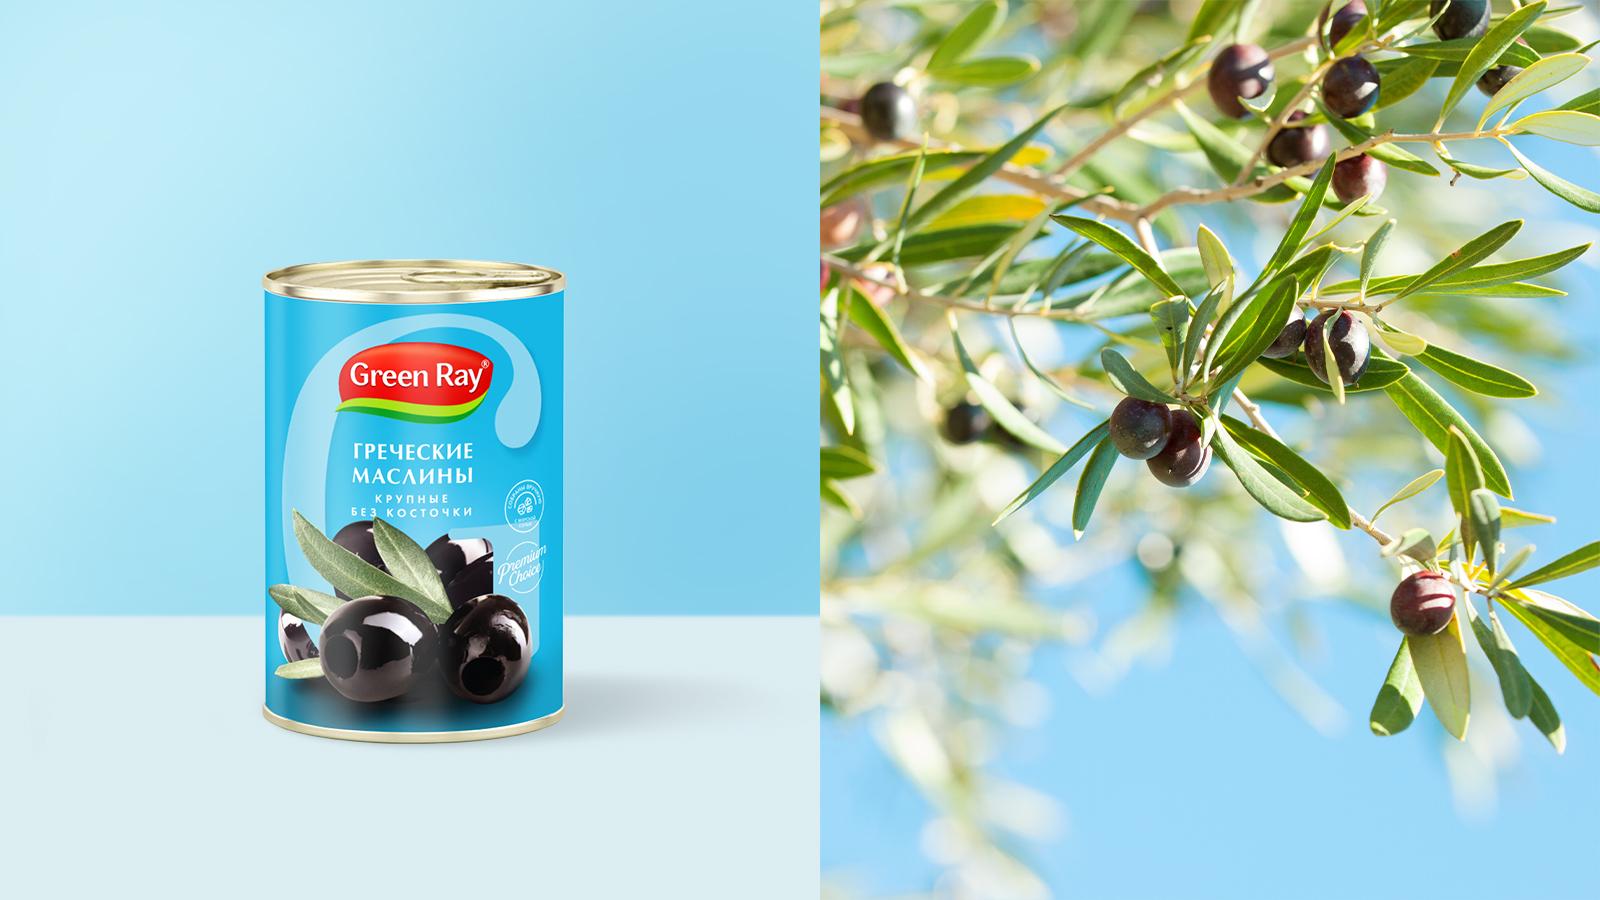 Яркая цветовая палитра в дизайне упаковки бренда консервированных овощей Green Ray акцентирует внимание на вкуса